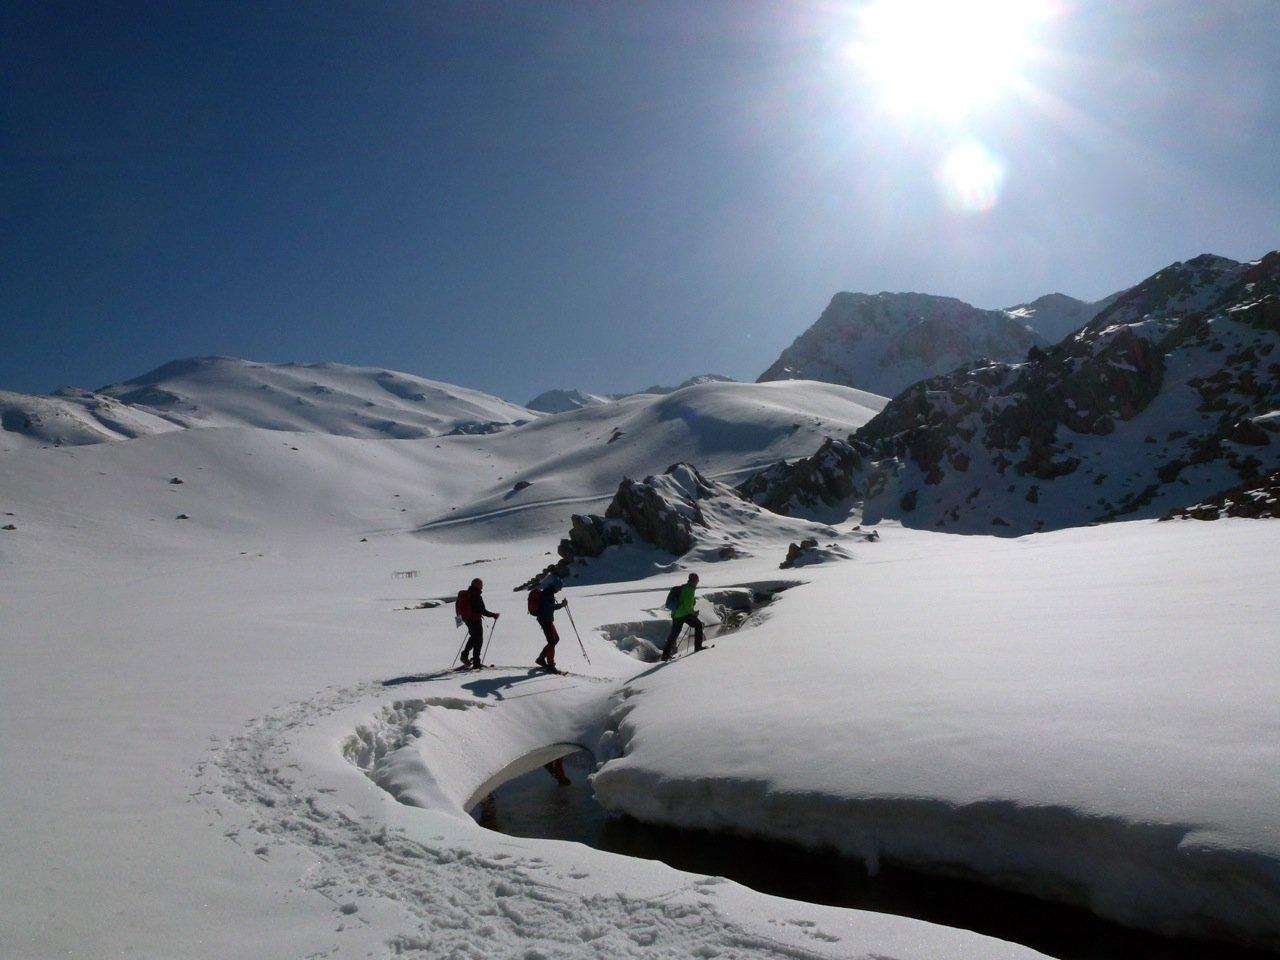 Reisebericht – Antalya / DAV Summit Club: Wenn ich im Schnee steh, brauch ich kein Meer mehr!